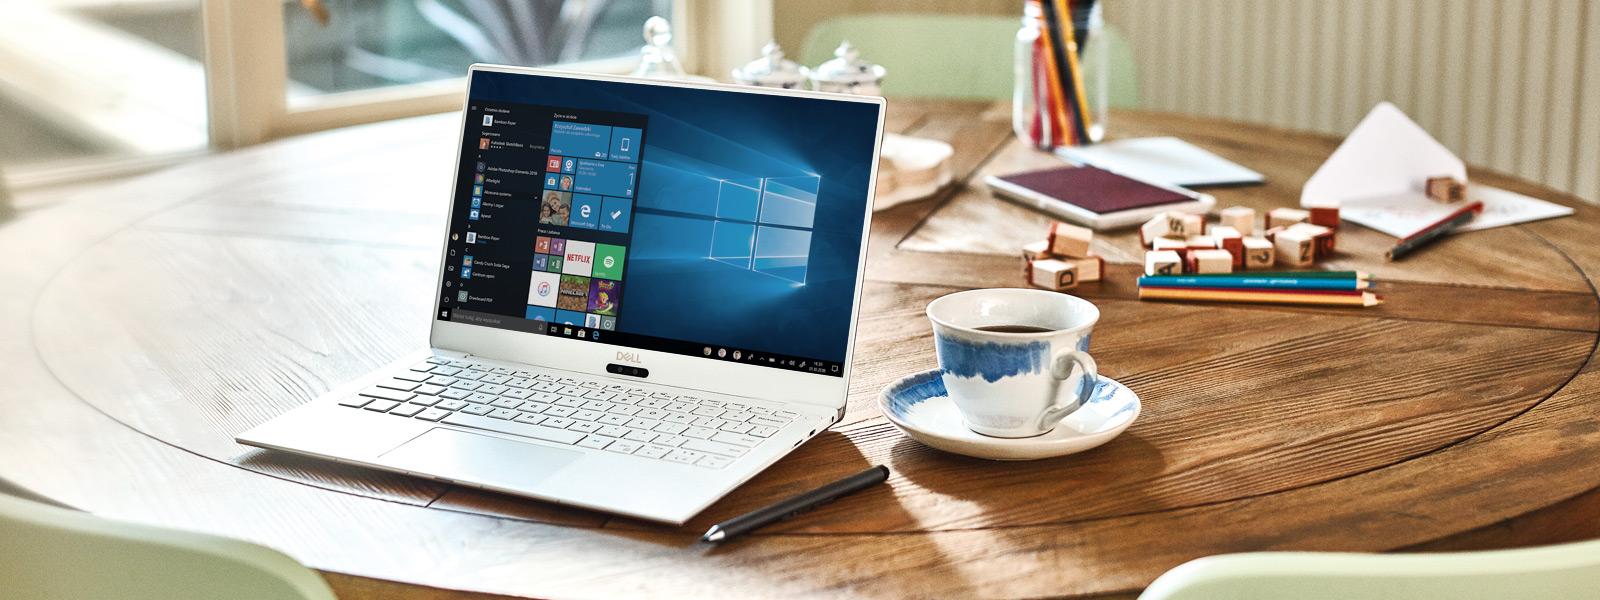 Urządzenie Dell XPS 13 9370 leży otwarte na stole z ekranem startowym systemu Windows 10.